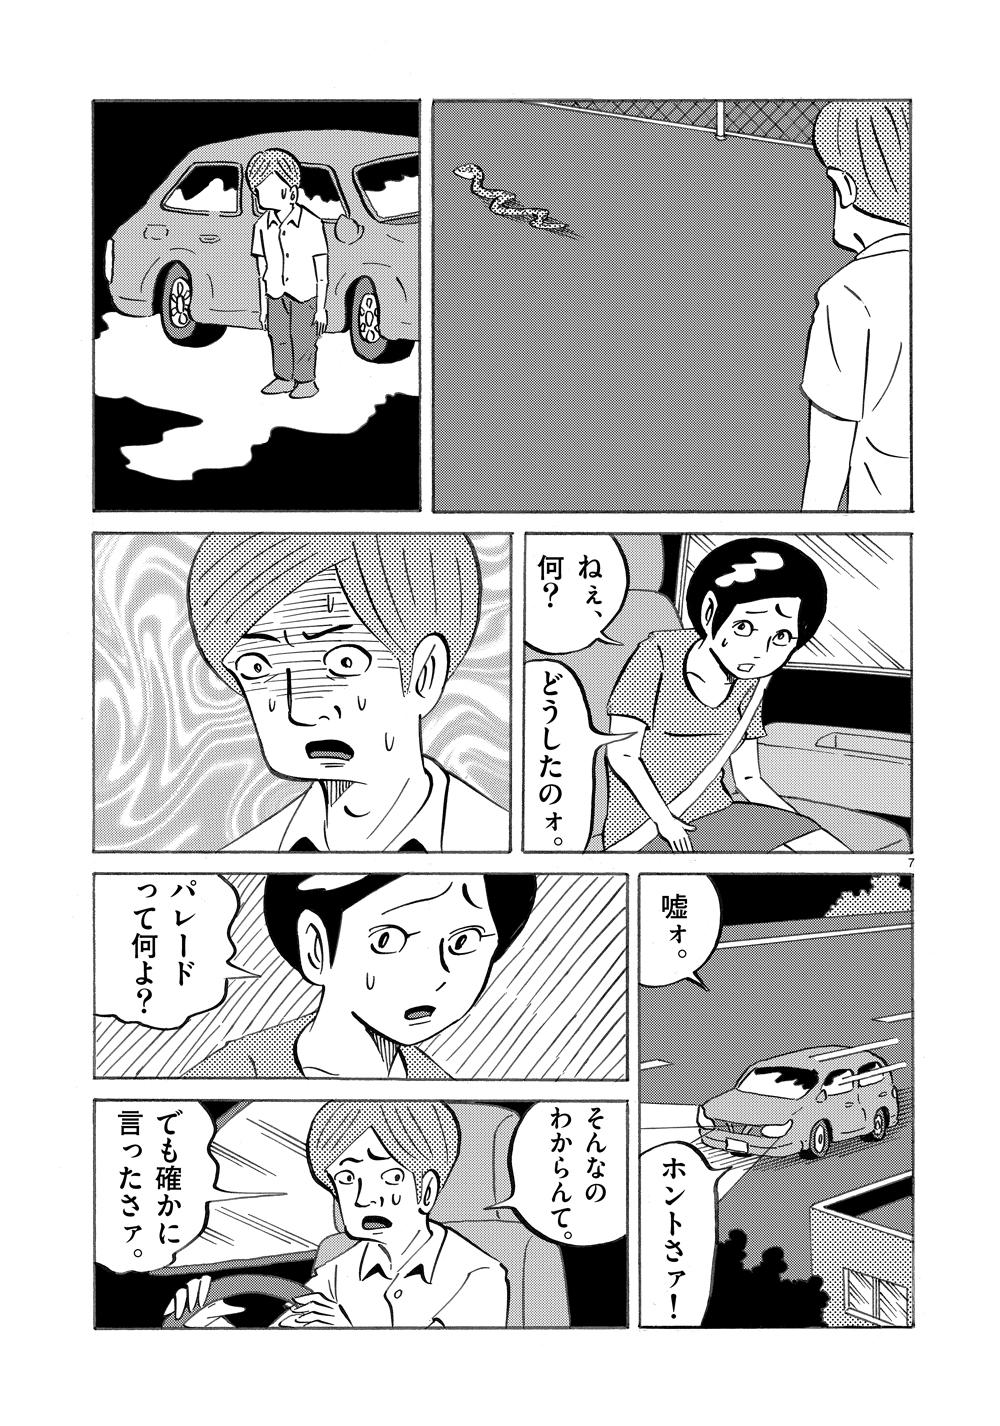 琉球怪談 【第8話】WEB掲載7ページ目画像